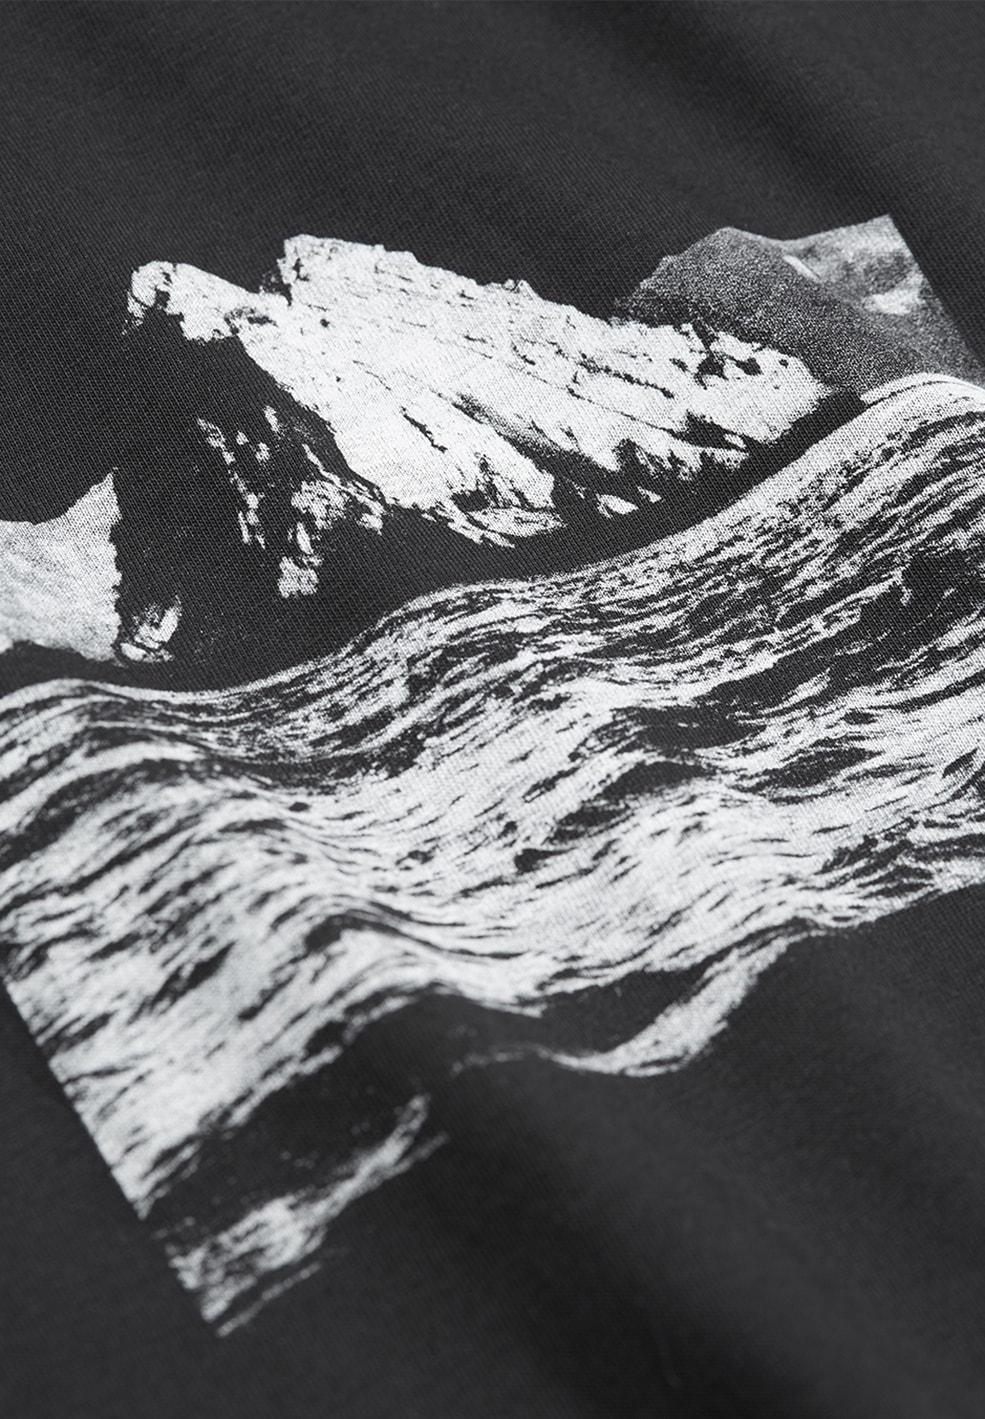 JAAMES SEA MOUNTAIN